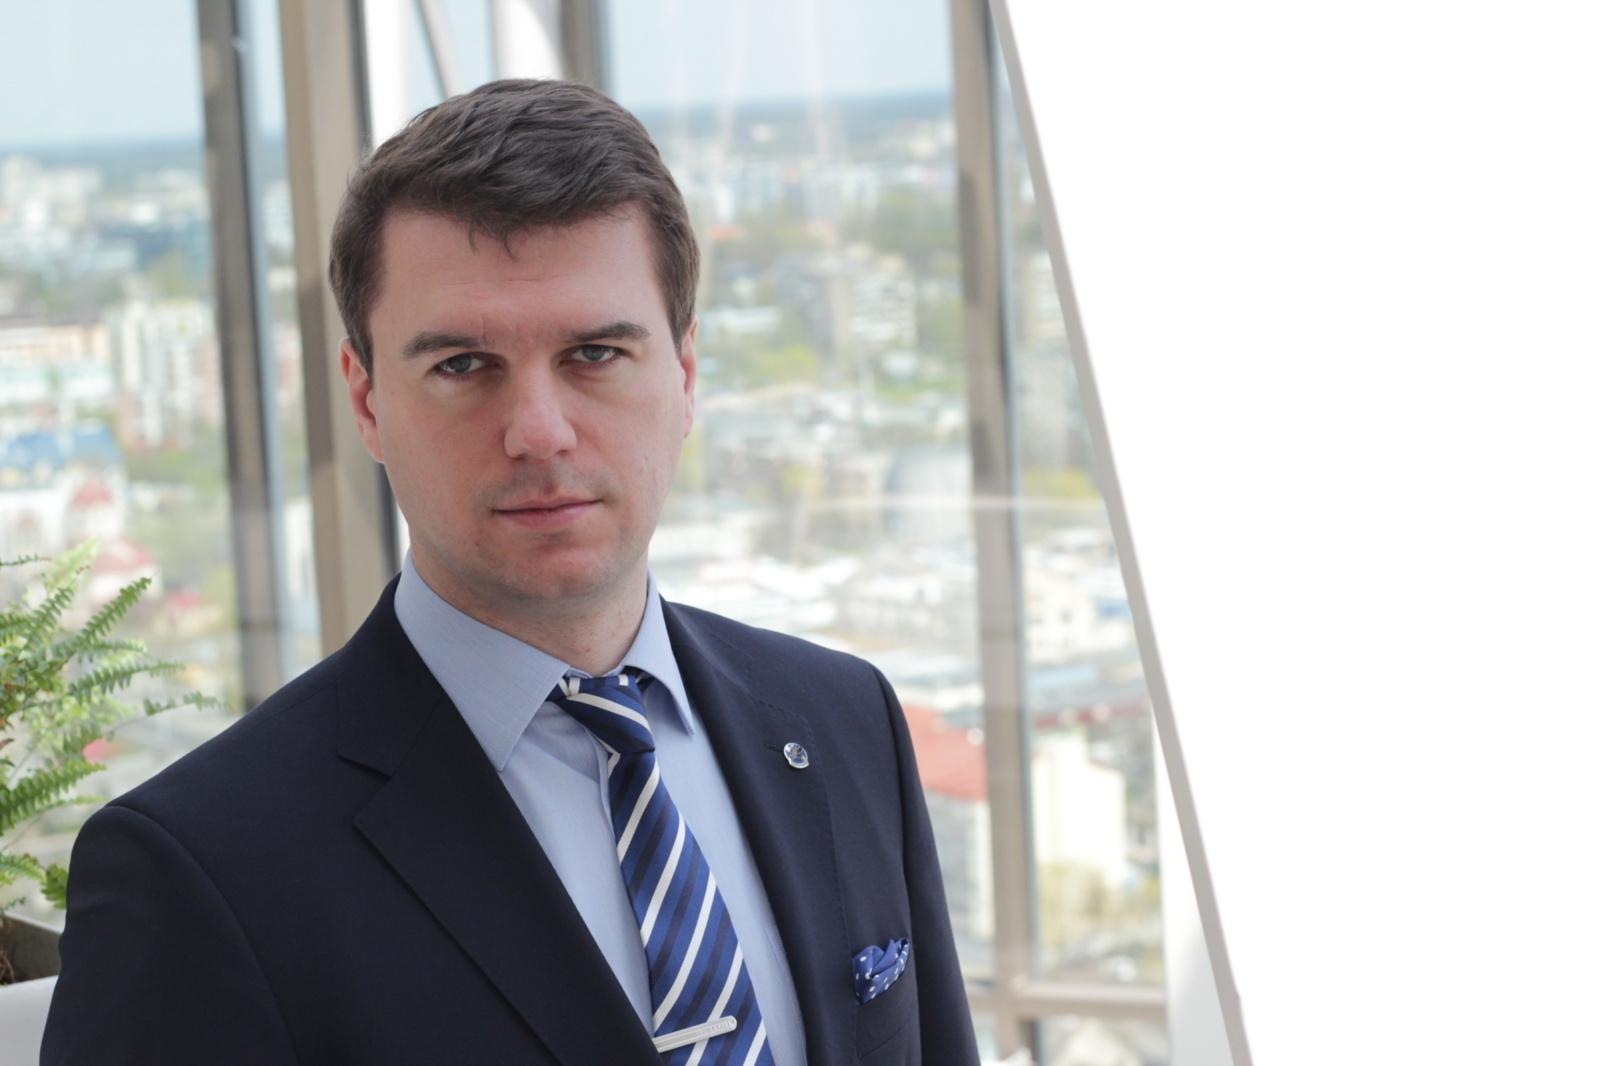 Ž. Šilėnas baigia darbą Lietuvos laisvosios rinkos institute